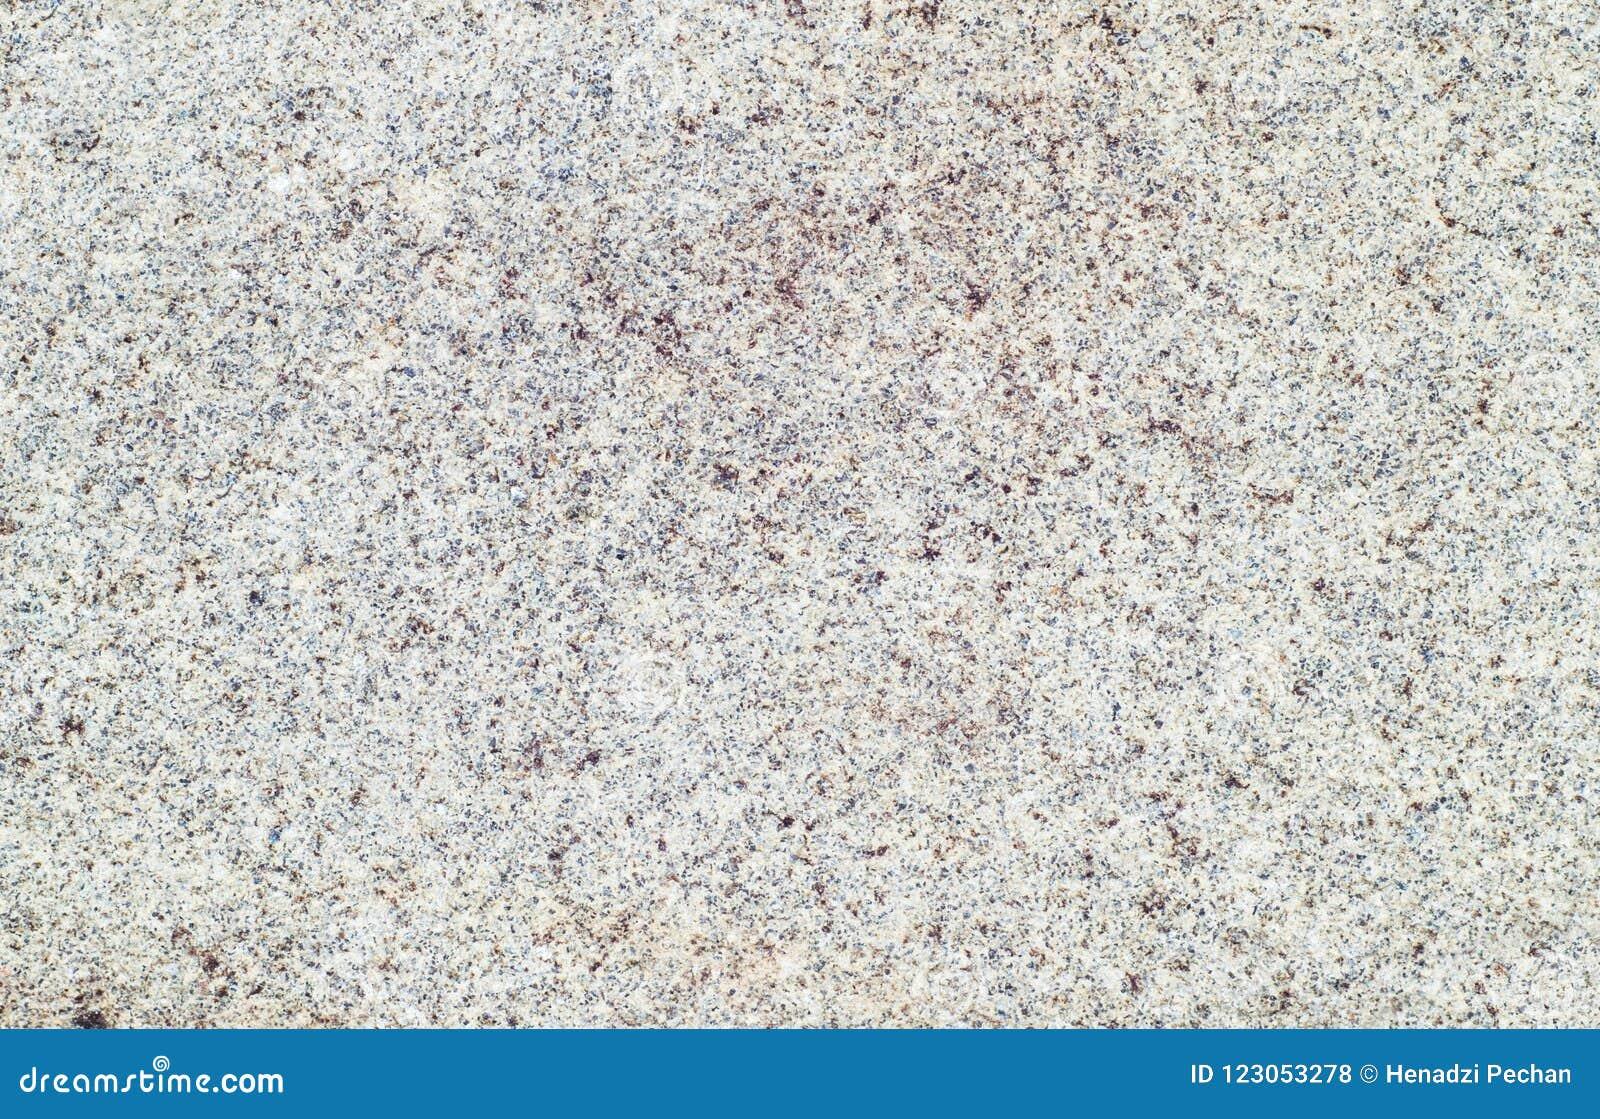 Текстура камня ноготк, фотография макроса, утес